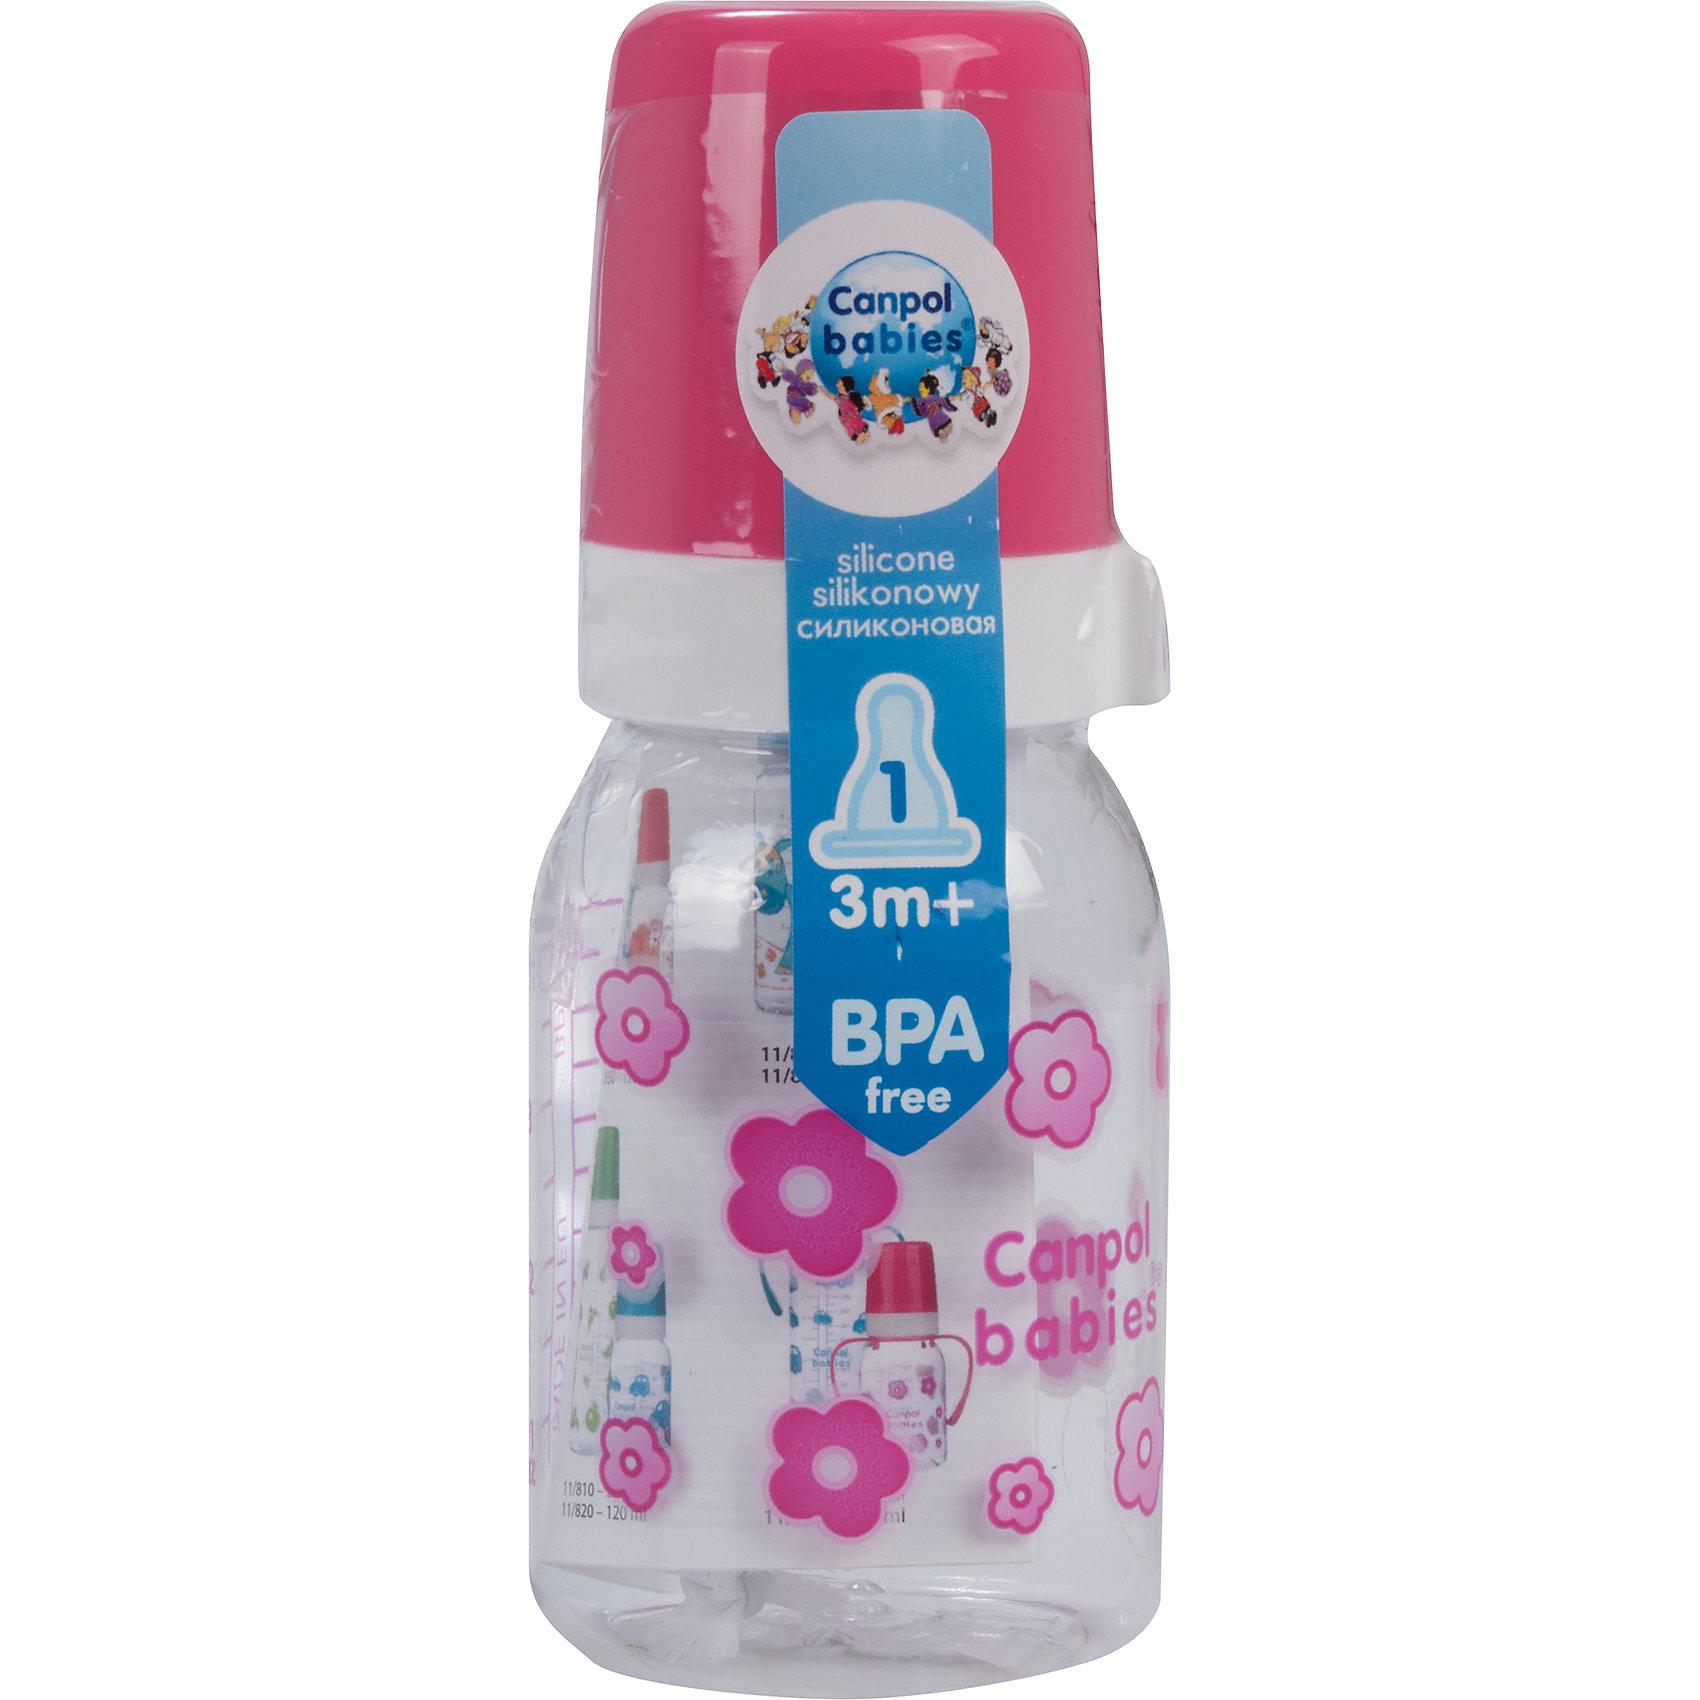 Бутылочка тритановая (BPA 0%) с сил. соской, 120 мл. 3+, Canpol Babies, розовыйБутылочка тритановая (BPA 0%) с сил. соской, 120 мл. 3+, Canpol Babies, (Канпол Бейбис), розовый.<br><br>Характеристики: <br><br>• Объем бутылочки: 120мл.<br>• Материал бутылочки: тритан - пластик нового поколения.<br>• Материал соски: силикон.<br>• Цвет : розовый. <br>Бутылочка тритановая (BPA 0%) с сил. соской, 120 мл. 3+, Canpol Babies, (Канпол Бейбис) имеет классическую форму. Удобна в использовании дома и в дороге. Бутылочка выполнена из безопасного качественного материала - тритана, который хорошо держит тепло, снабжена силиконовой соской (медленный поток) и защитным колпачком, имеет удобную мерную шкалу.  Такую бутылочку и все части можно кипятить в воде или стерилизовать с помощью специального прибора. Не впитывает запахи.<br>Бутылочку тритановая (BPA 0%) с сил. соской, 120 мл. 3+, Canpol Babies, (Канпол Бейбис), розовый можно купить в нашем интернет- магазине.<br><br>Ширина мм: 61<br>Глубина мм: 54<br>Высота мм: 171<br>Вес г: 490<br>Возраст от месяцев: 3<br>Возраст до месяцев: 18<br>Пол: Женский<br>Возраст: Детский<br>SKU: 5156798